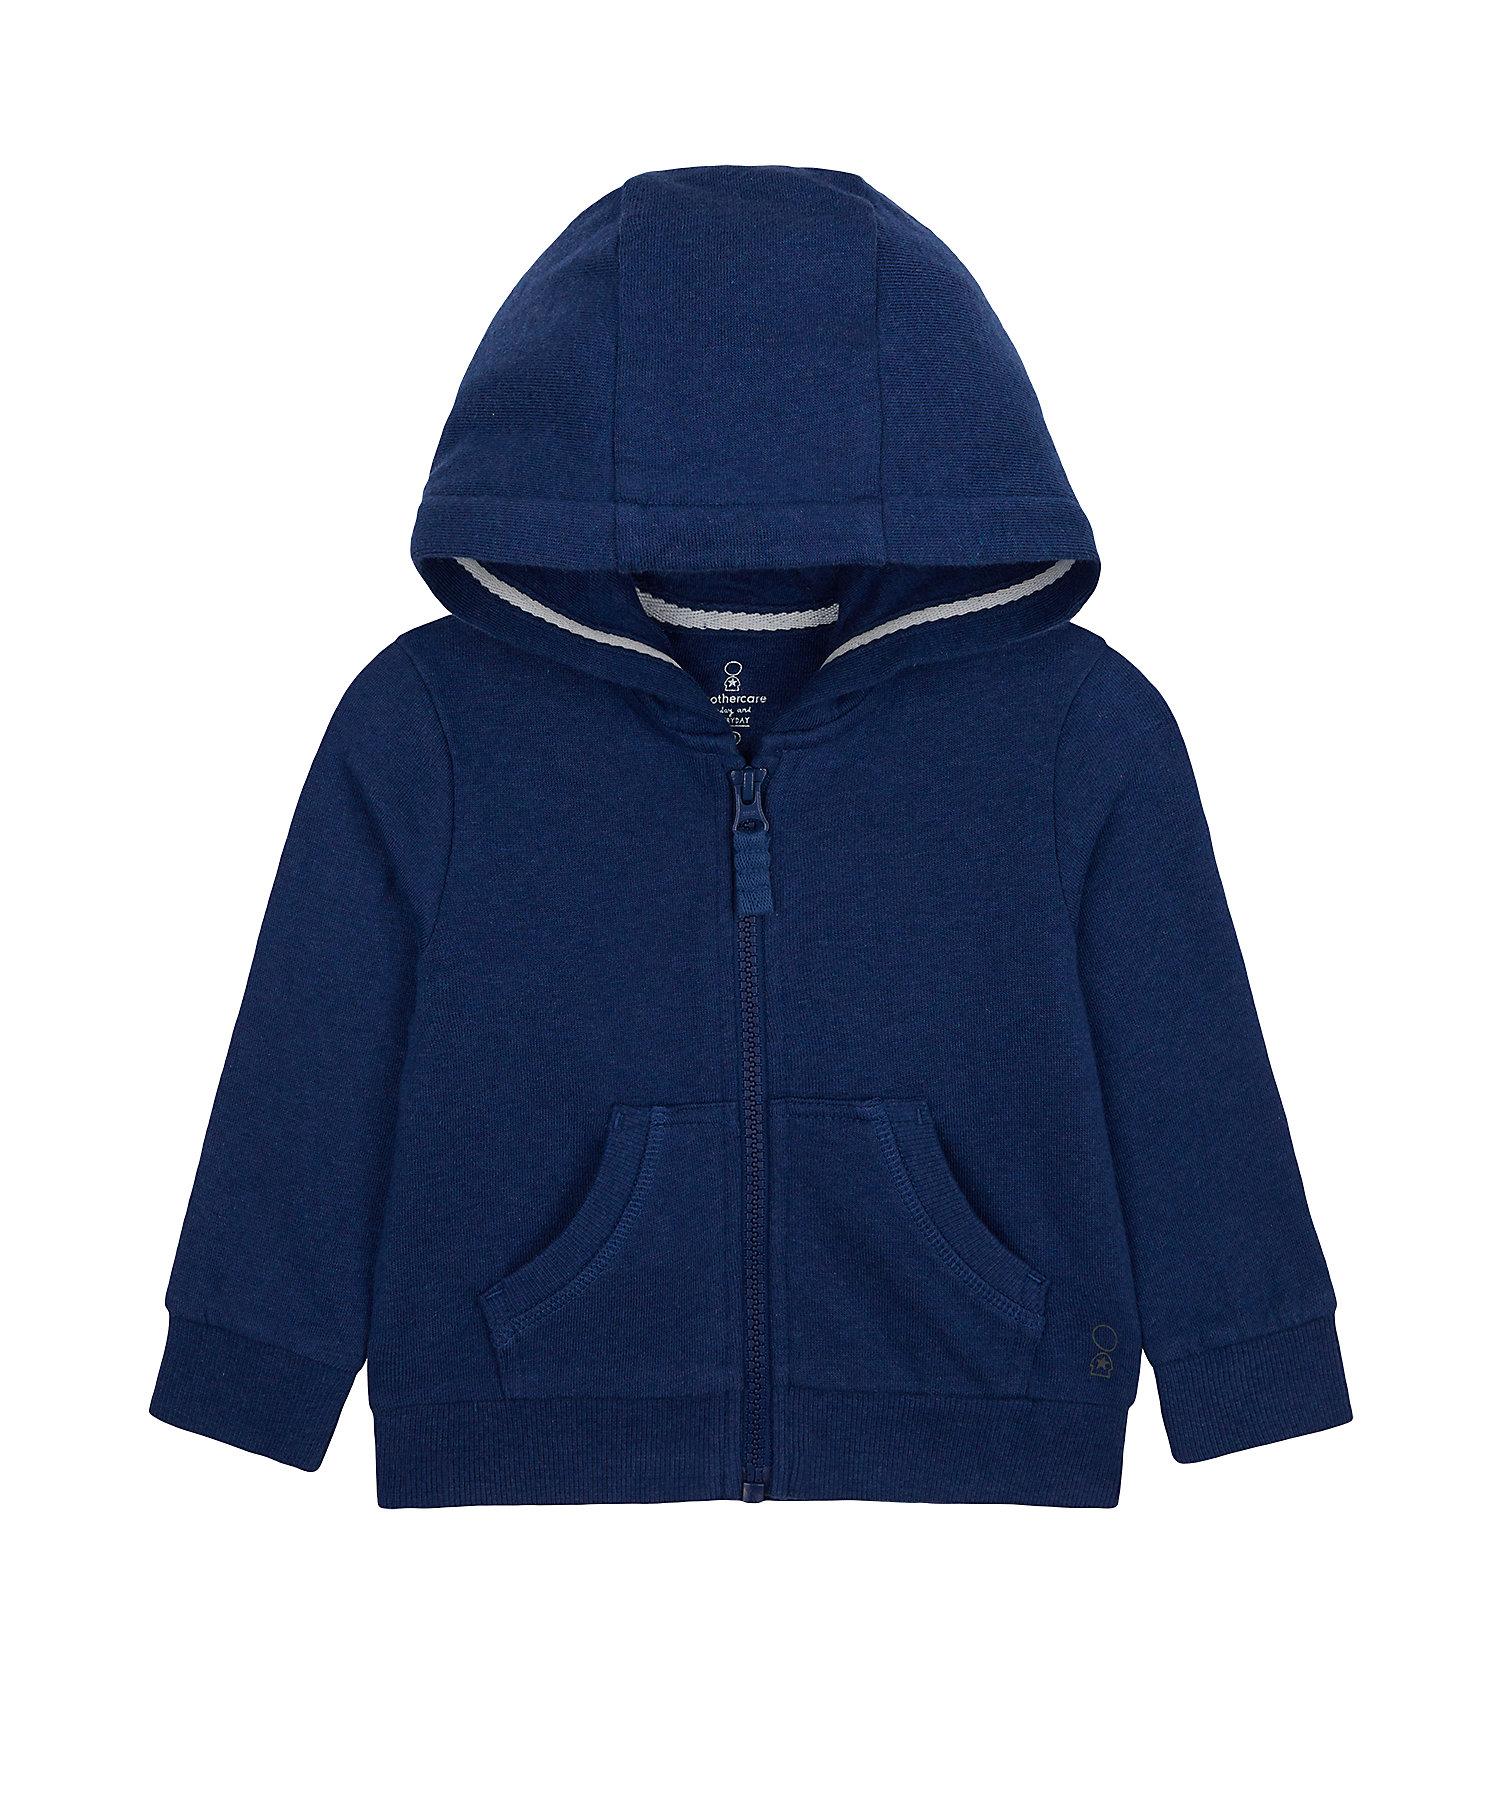 Mothercare | Boys Full Sleeves Hooded Sweatshirt Zip Opening - Navy